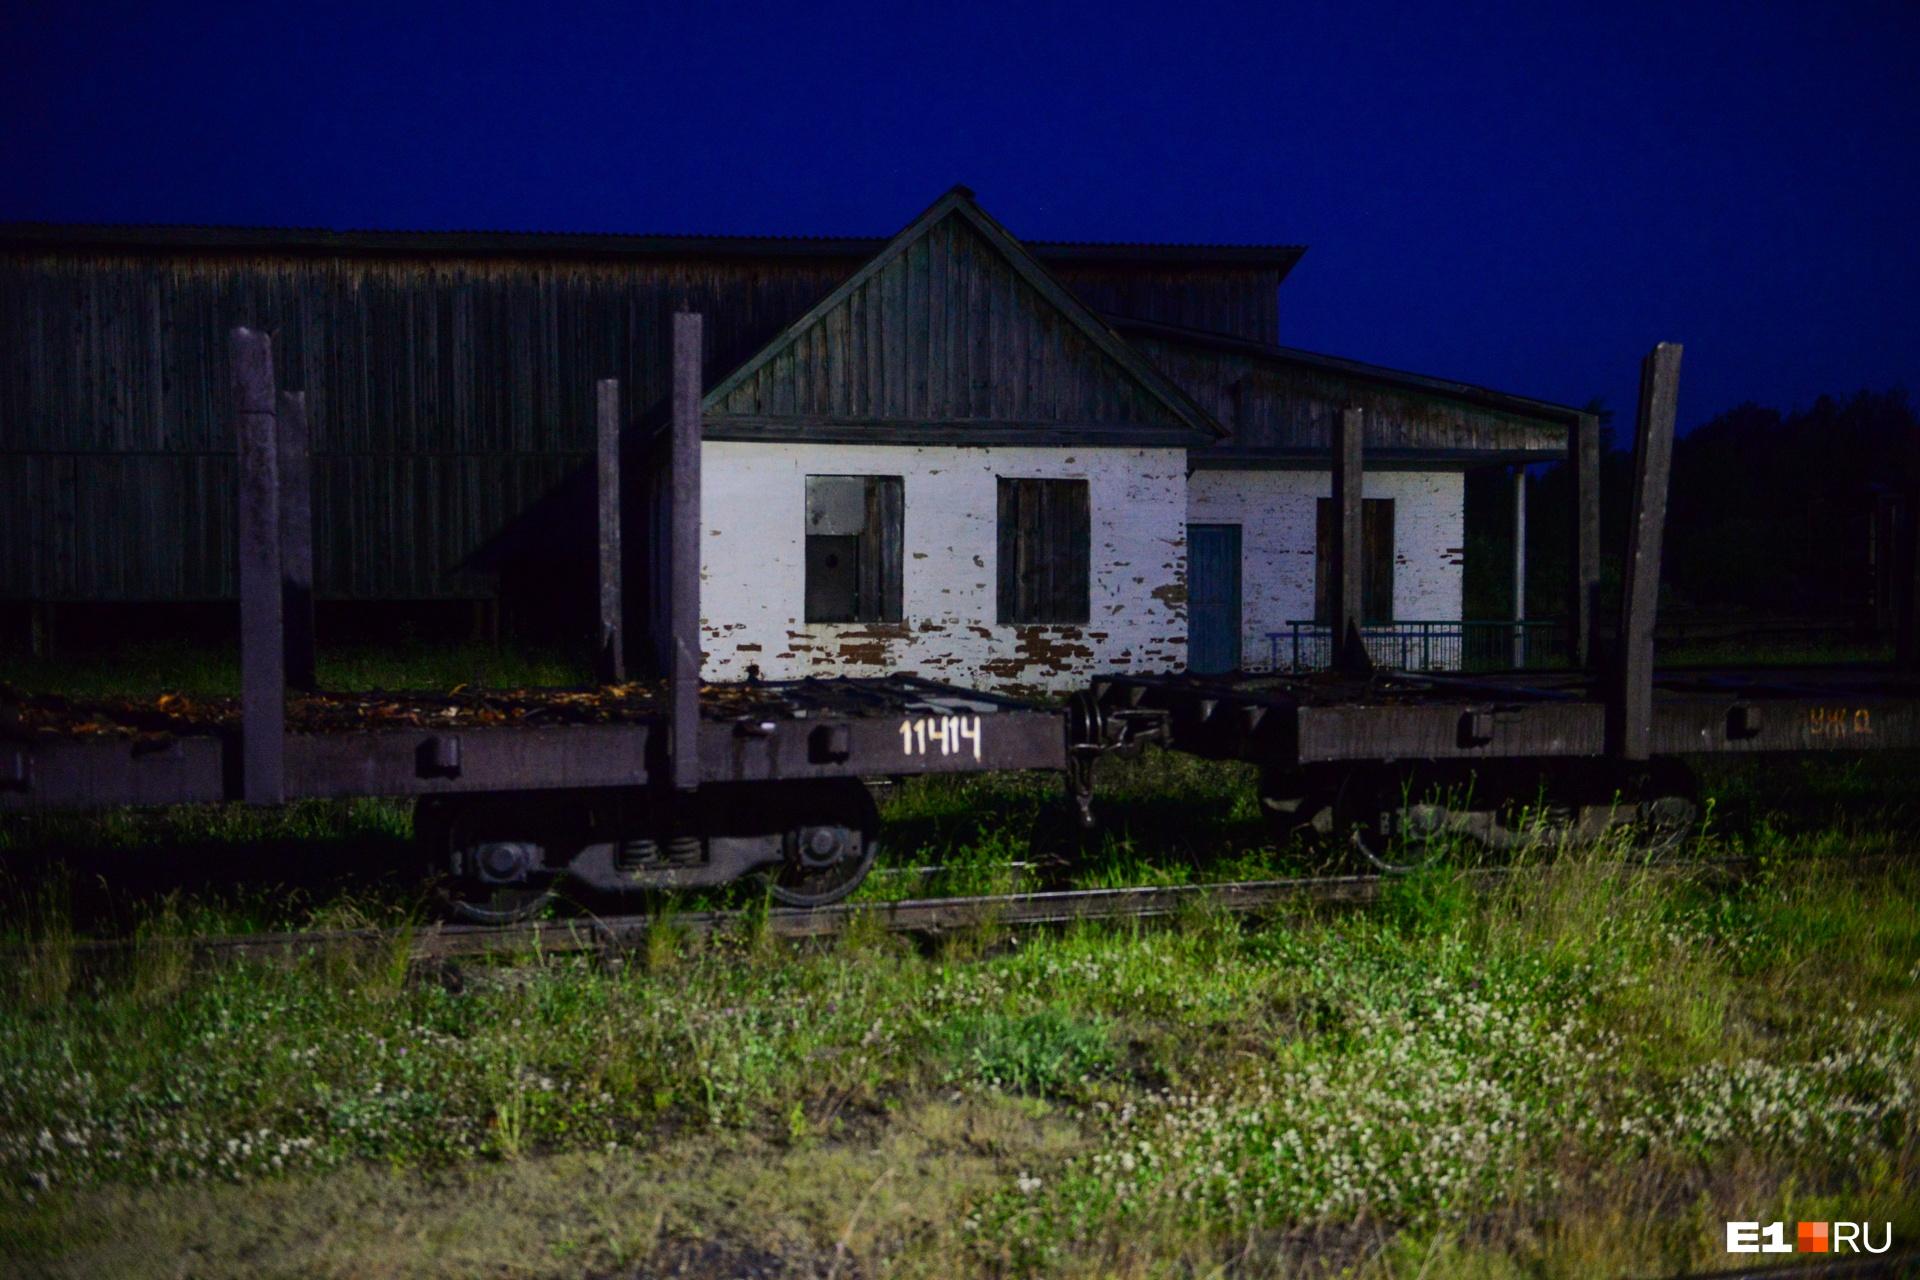 За окном спят грузовые платформы, на которых здесь иногда возят лес